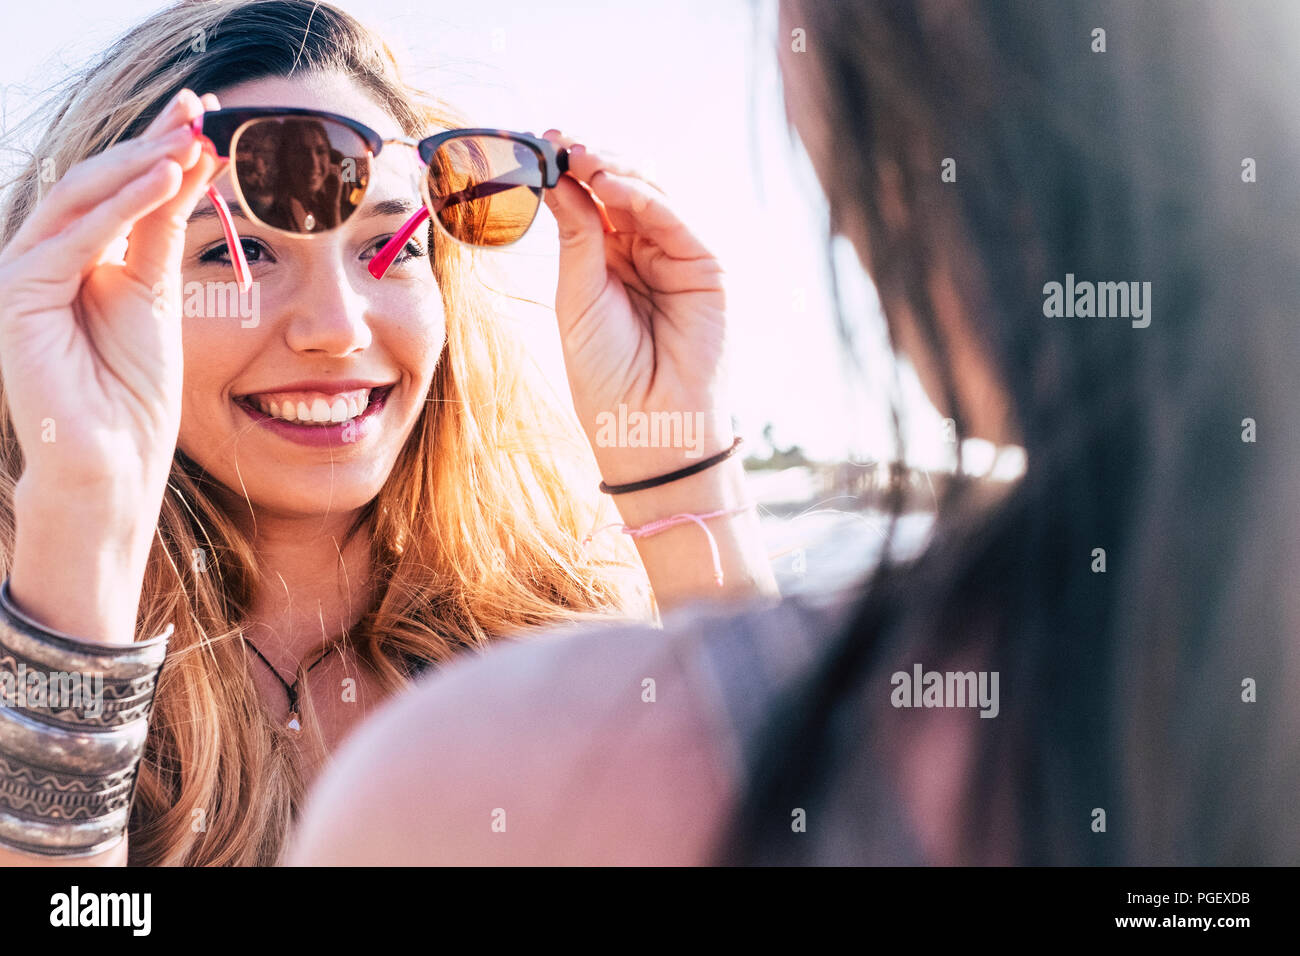 Schönen kaukasischen jungen Mädchen mit der Sonnenbrille die weibliche Freunde zu spiegeln. Sommer und Urlaub und Ferien Konzept für attraktive fröhliche Pe Stockbild